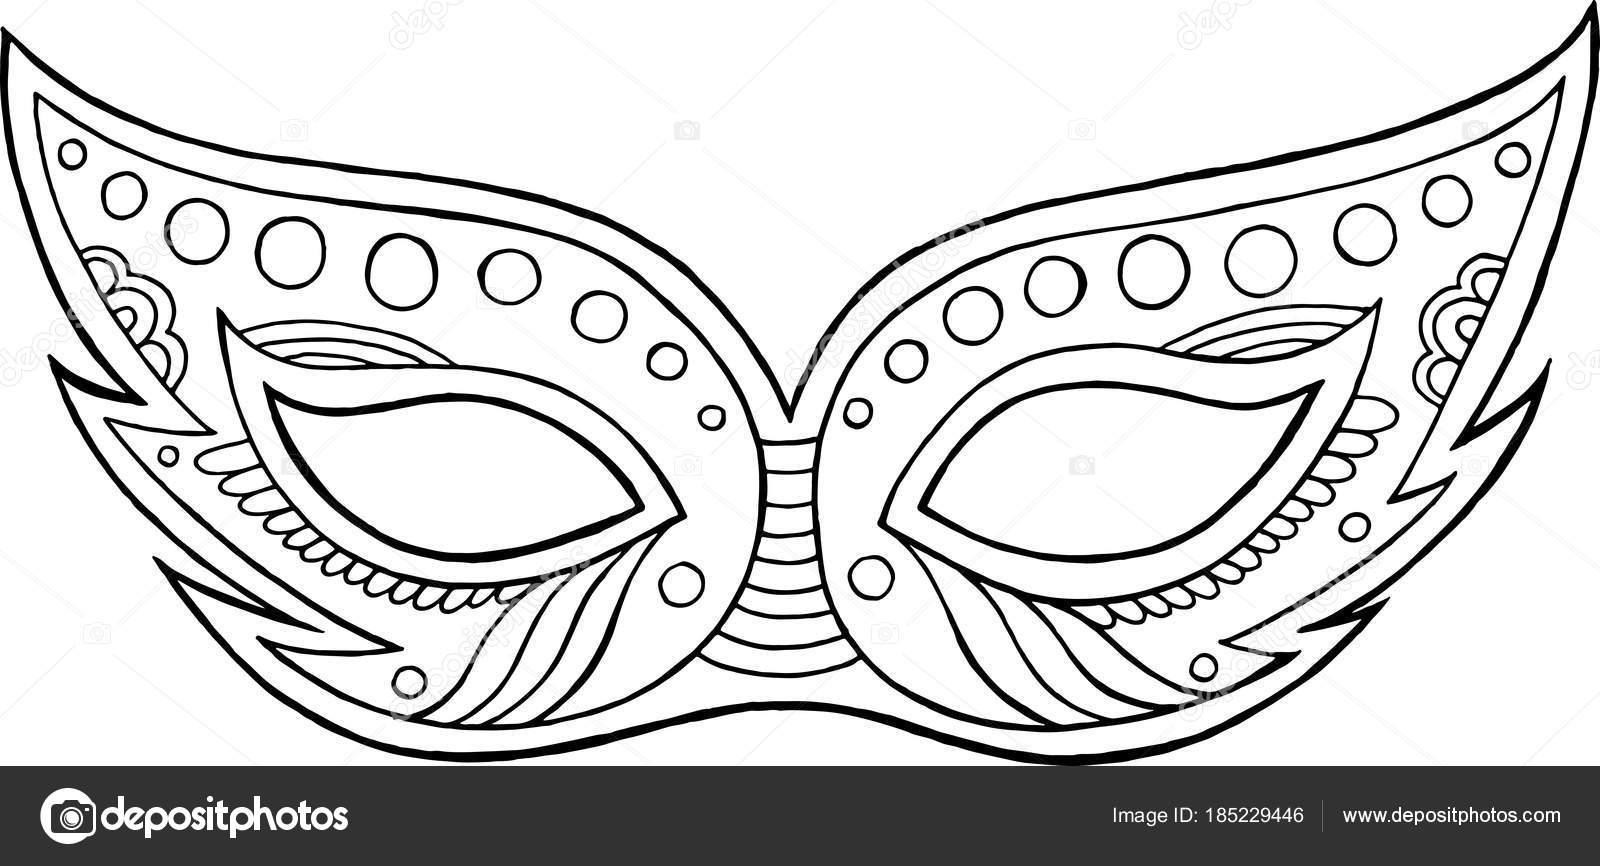 Máscara de carnaval - elemento aislado del contorno. Página para ...